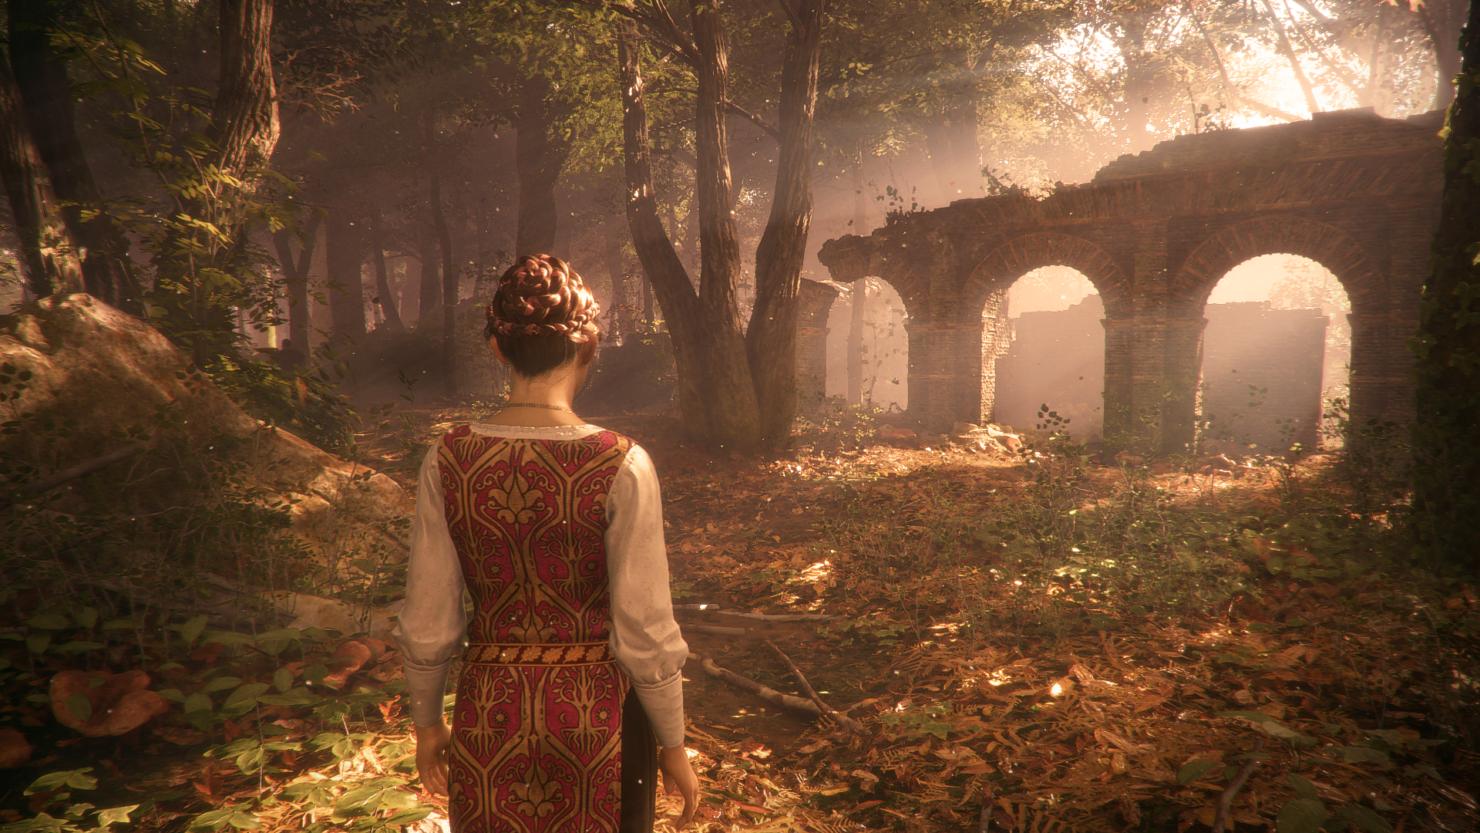 plague-tale-innocence-new-screenshots-screenshot-13